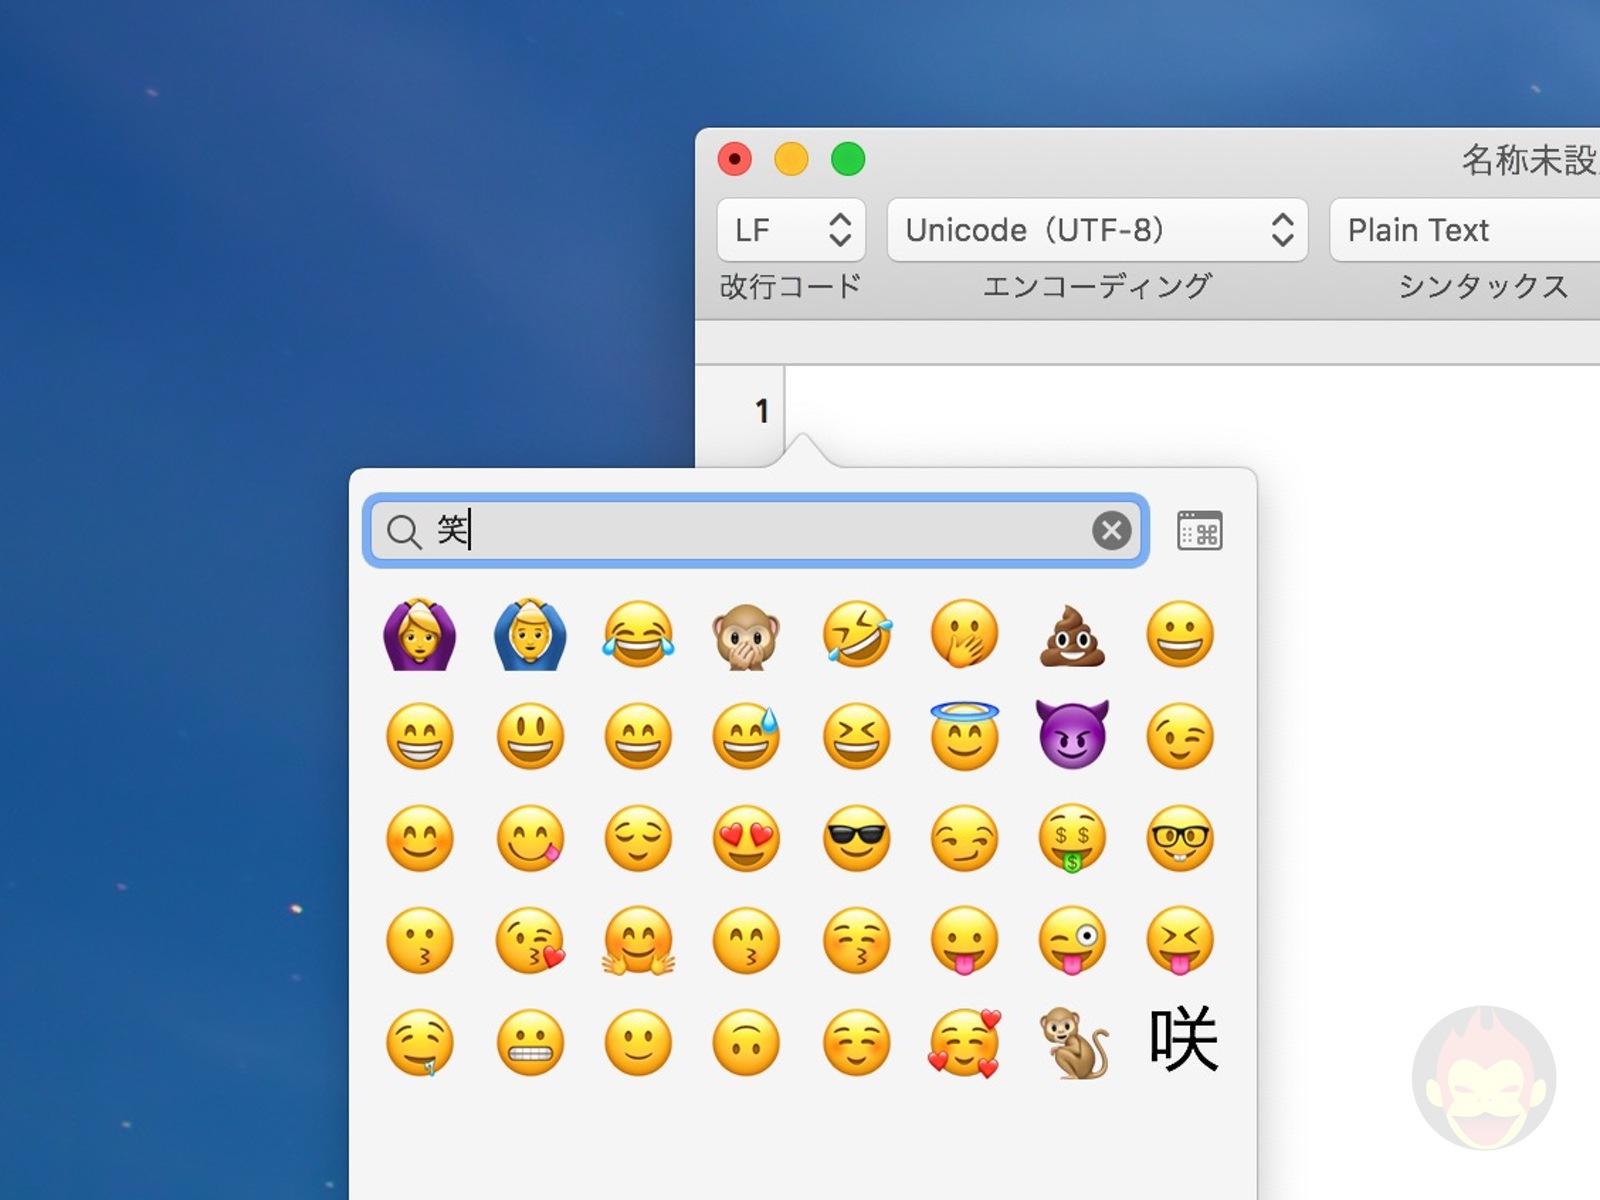 Emoji-Search-for-iOS14-02.jpg